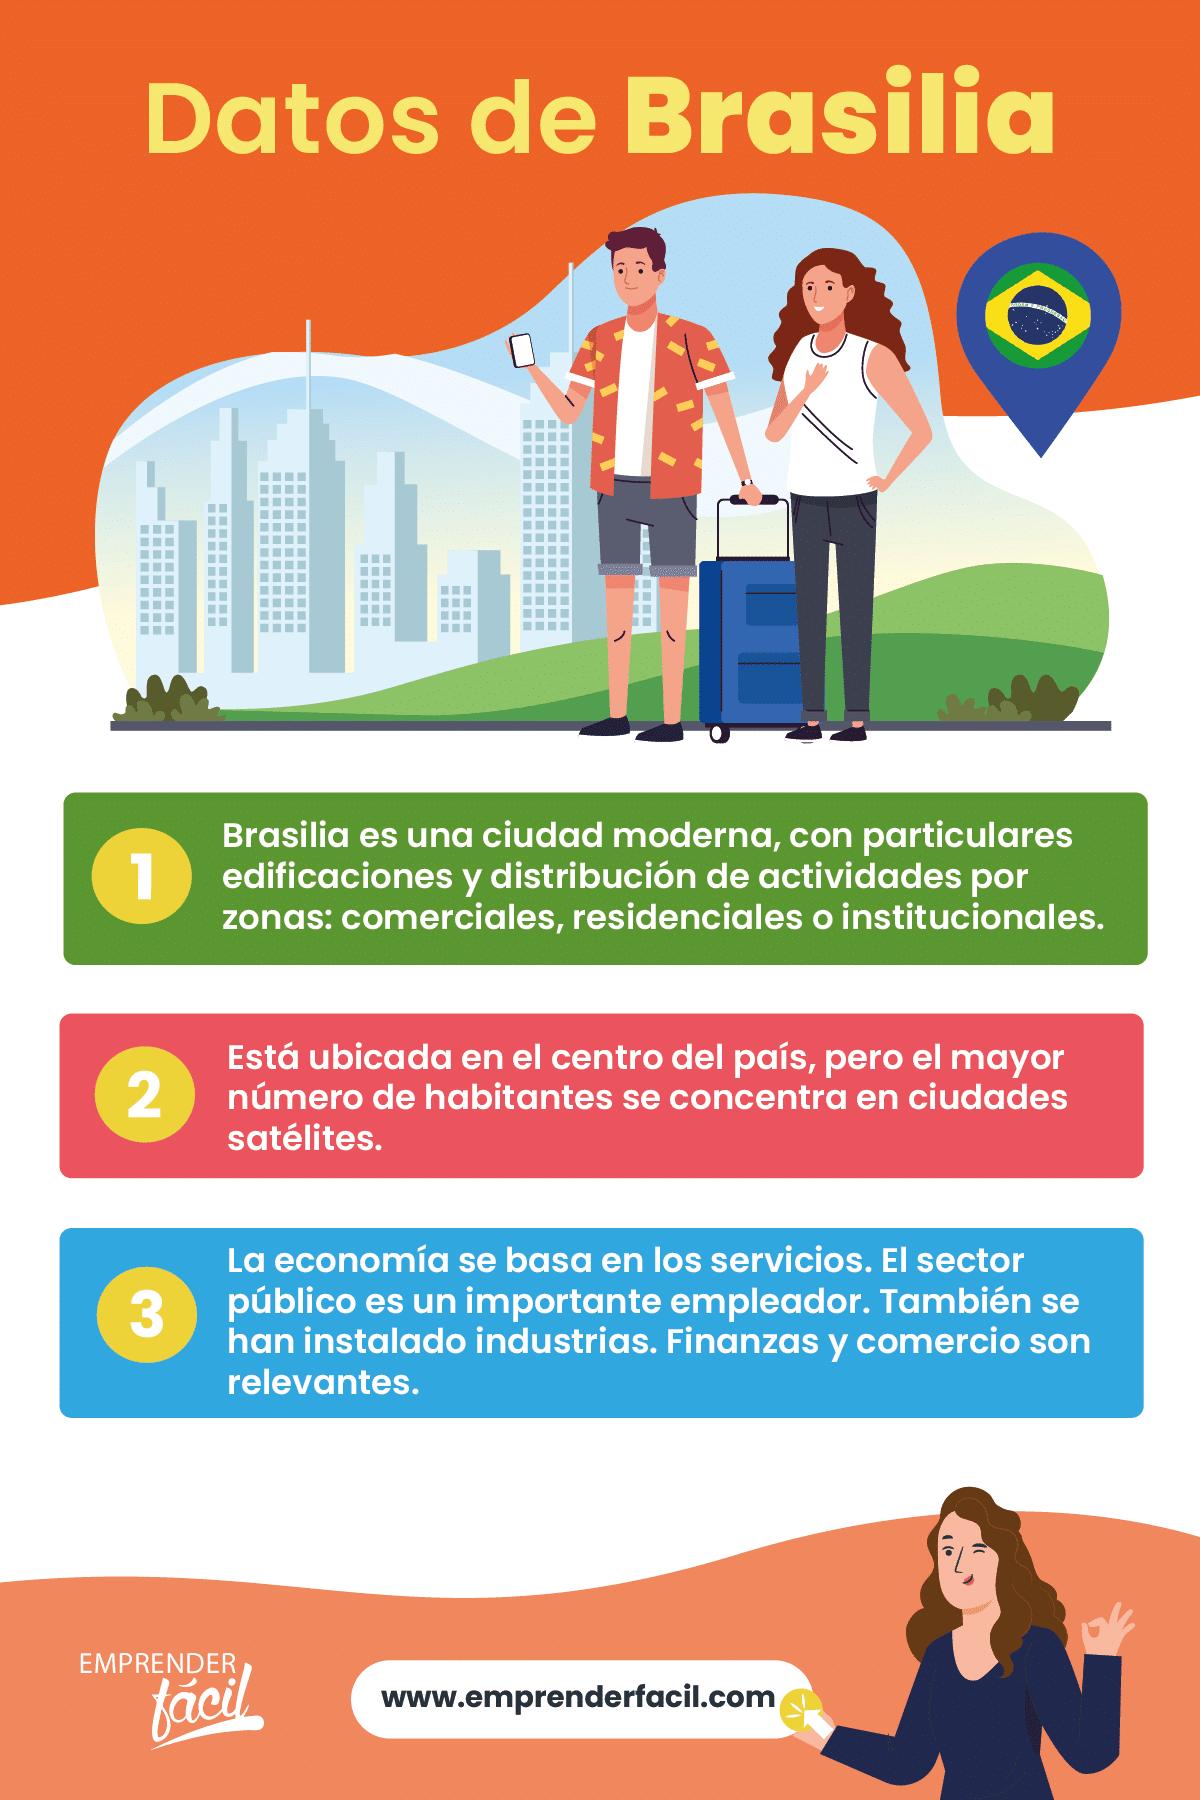 Datos sobre Brasilia.